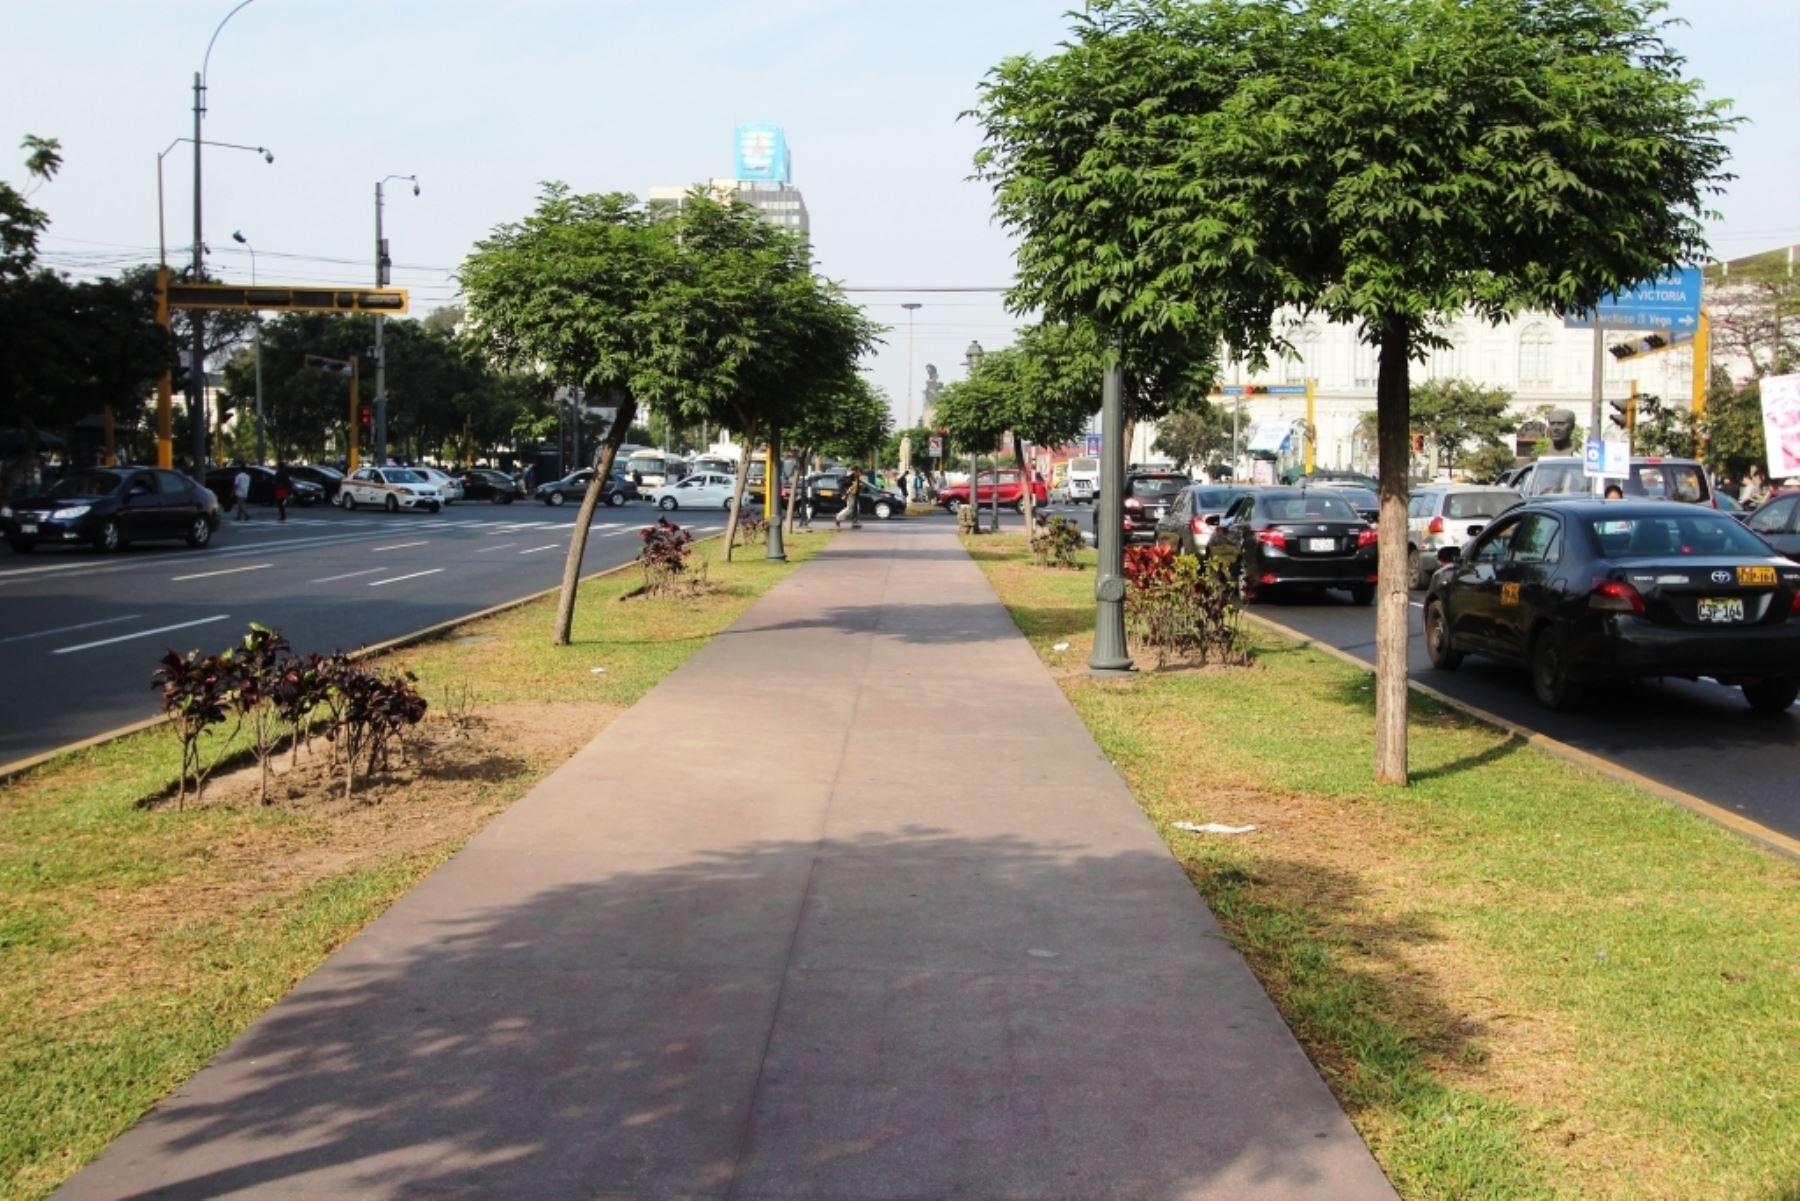 Línea 2 del Metro: restringirán tránsito en av. Paseo Colón por obras. Foto: ANDINA/Difusión.